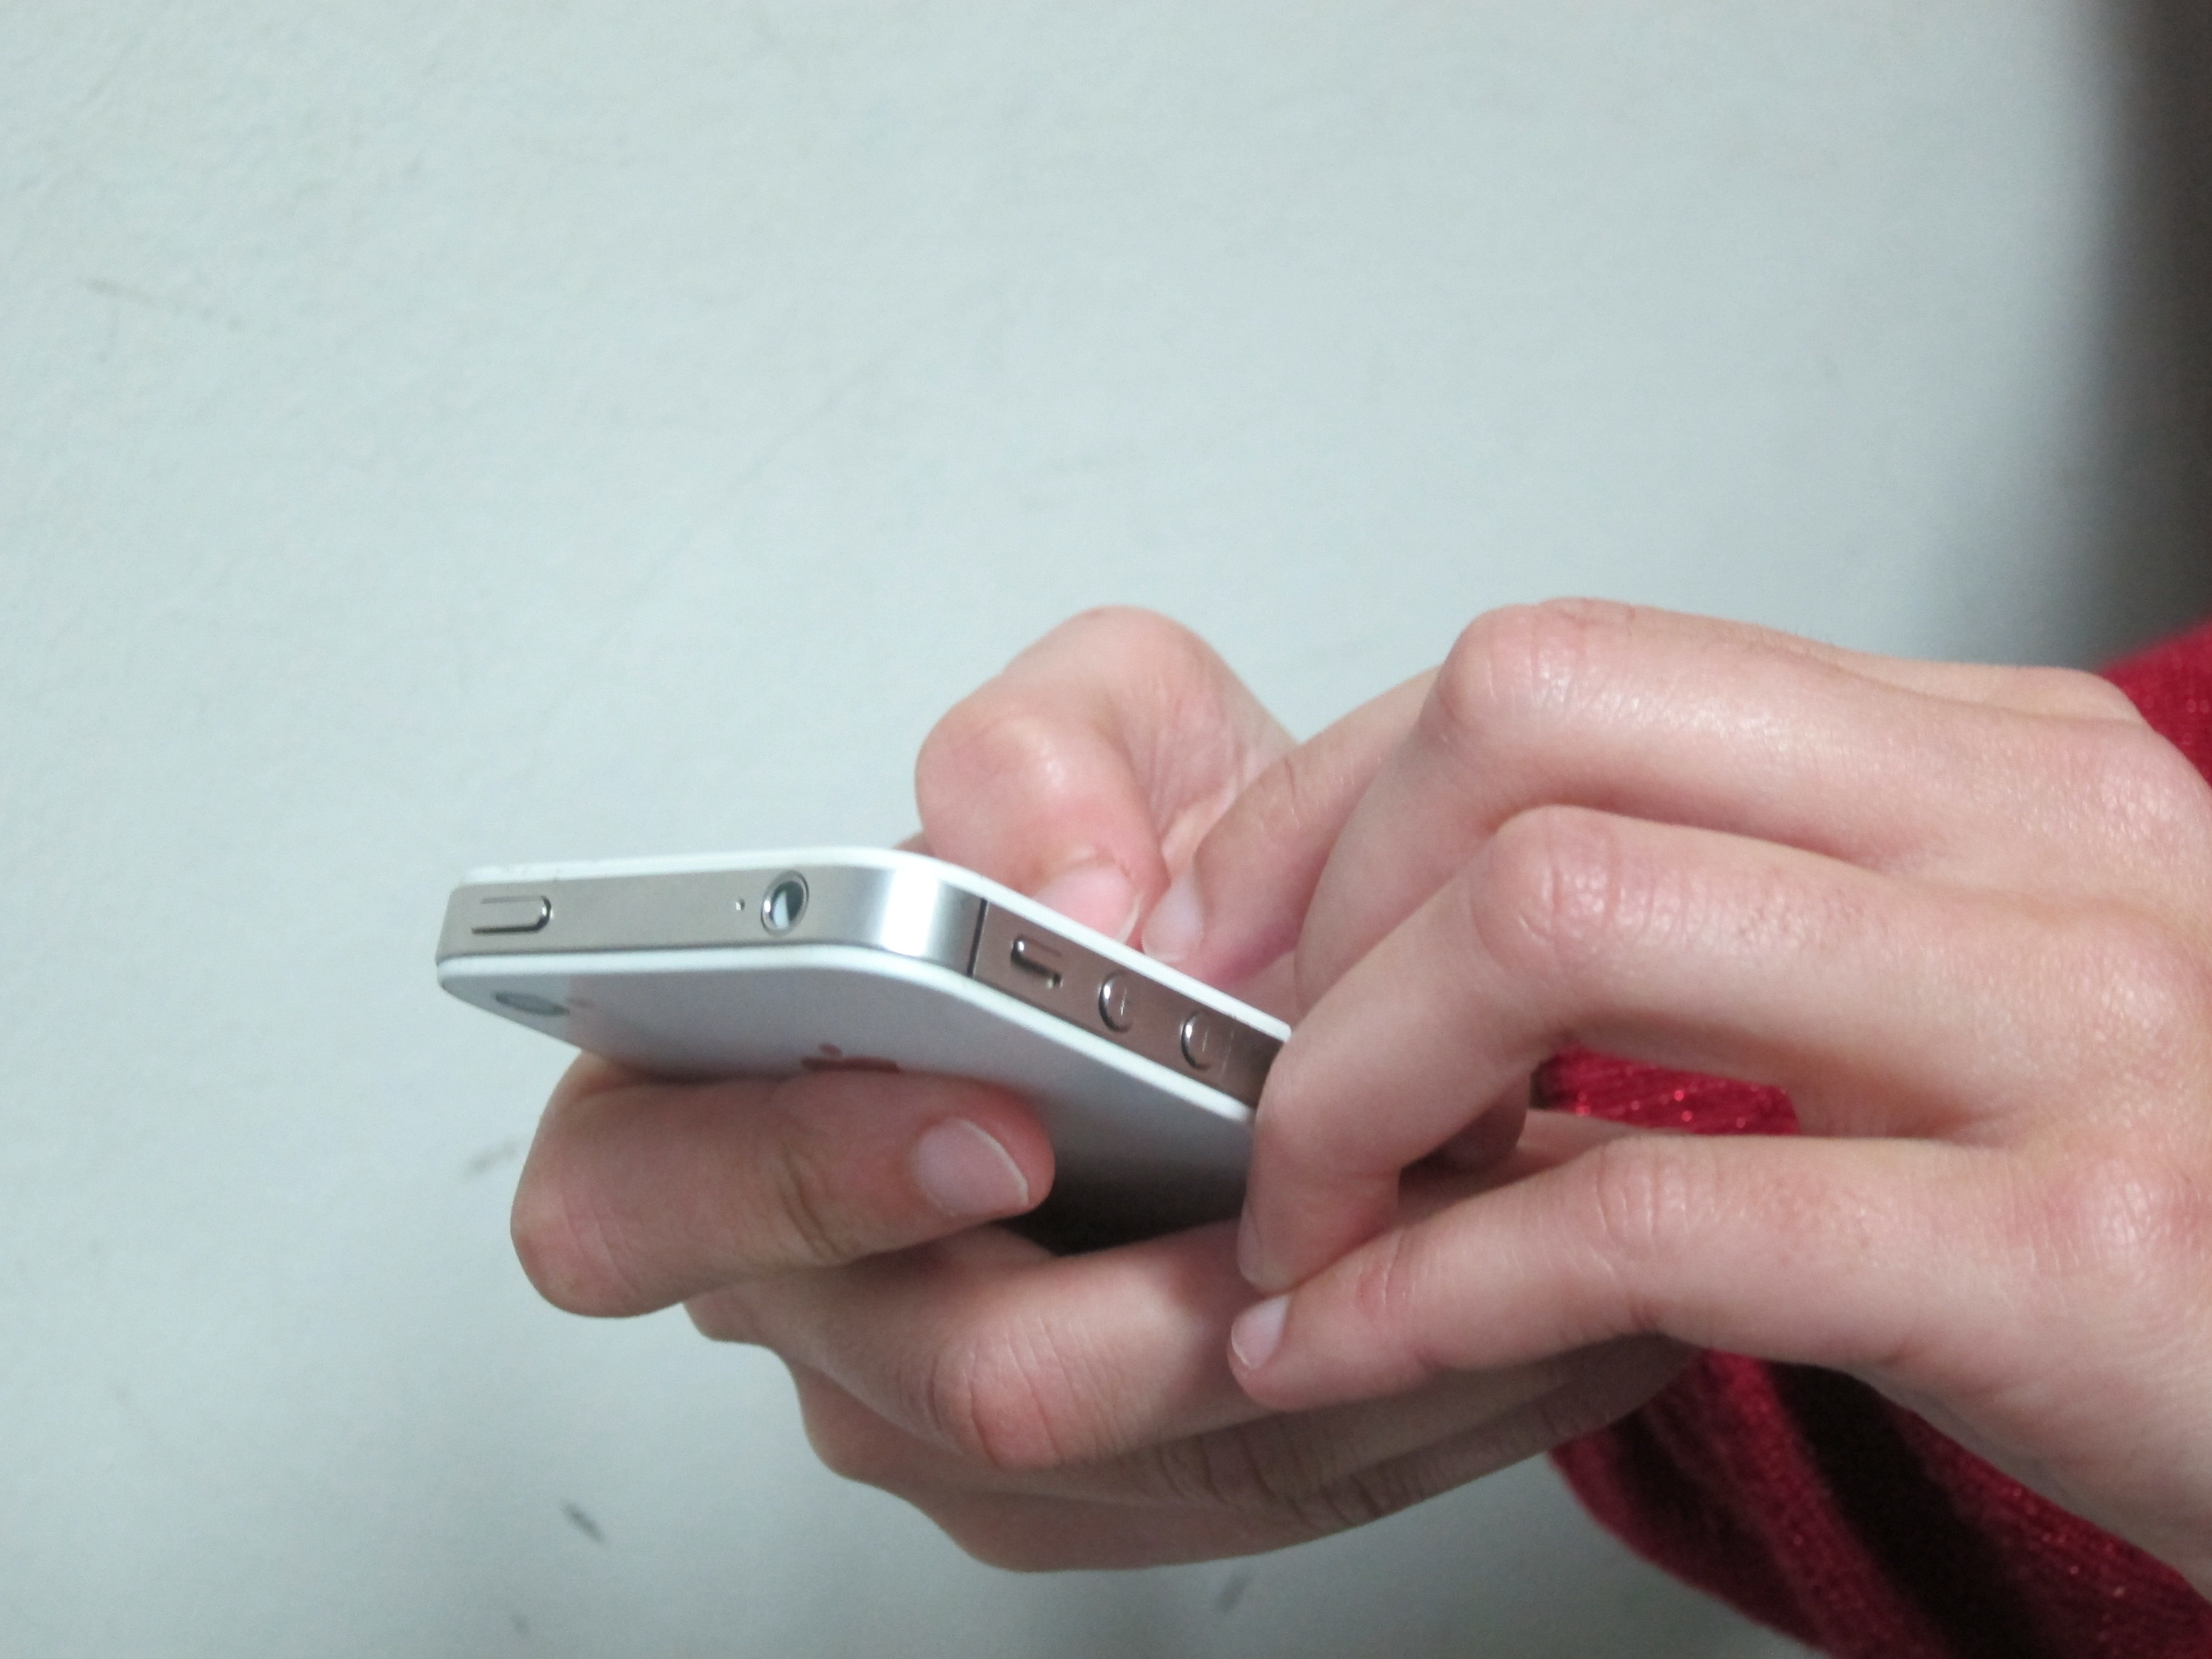 La UE obligará a que todos lo móviles sean compatibles con un cargador común